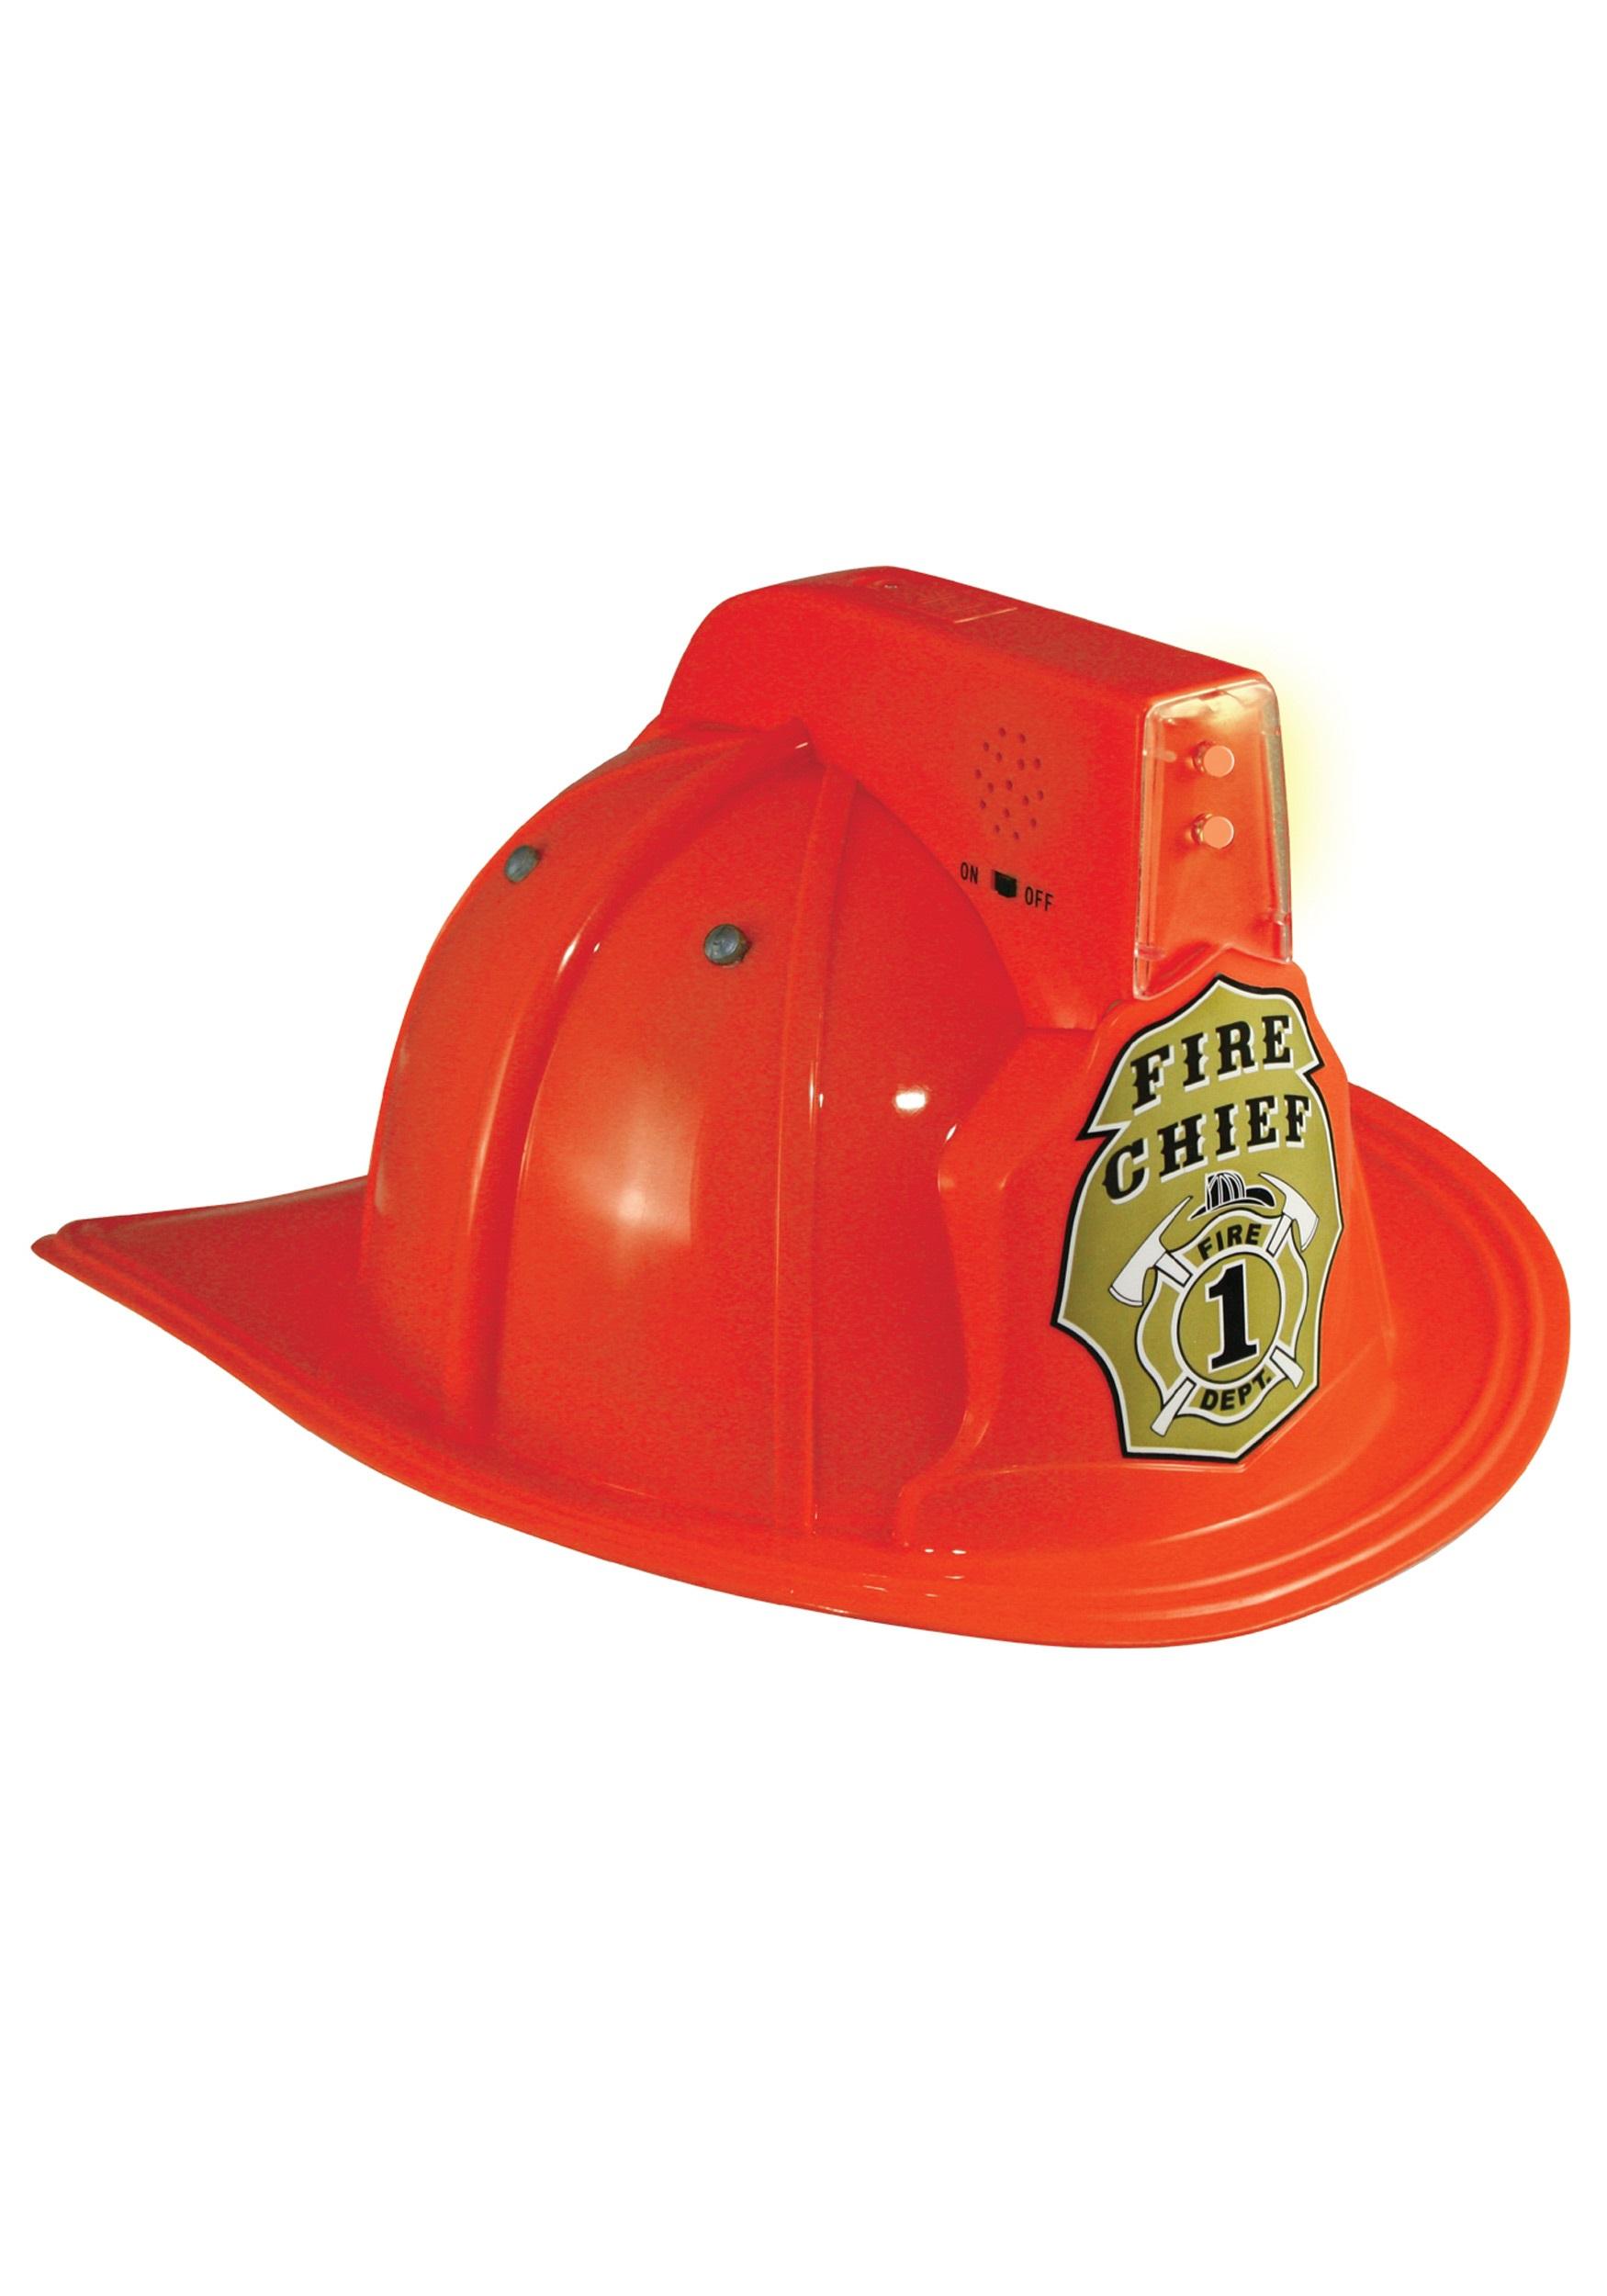 4d854269 Jr. Fire Chief Light Up Helmet